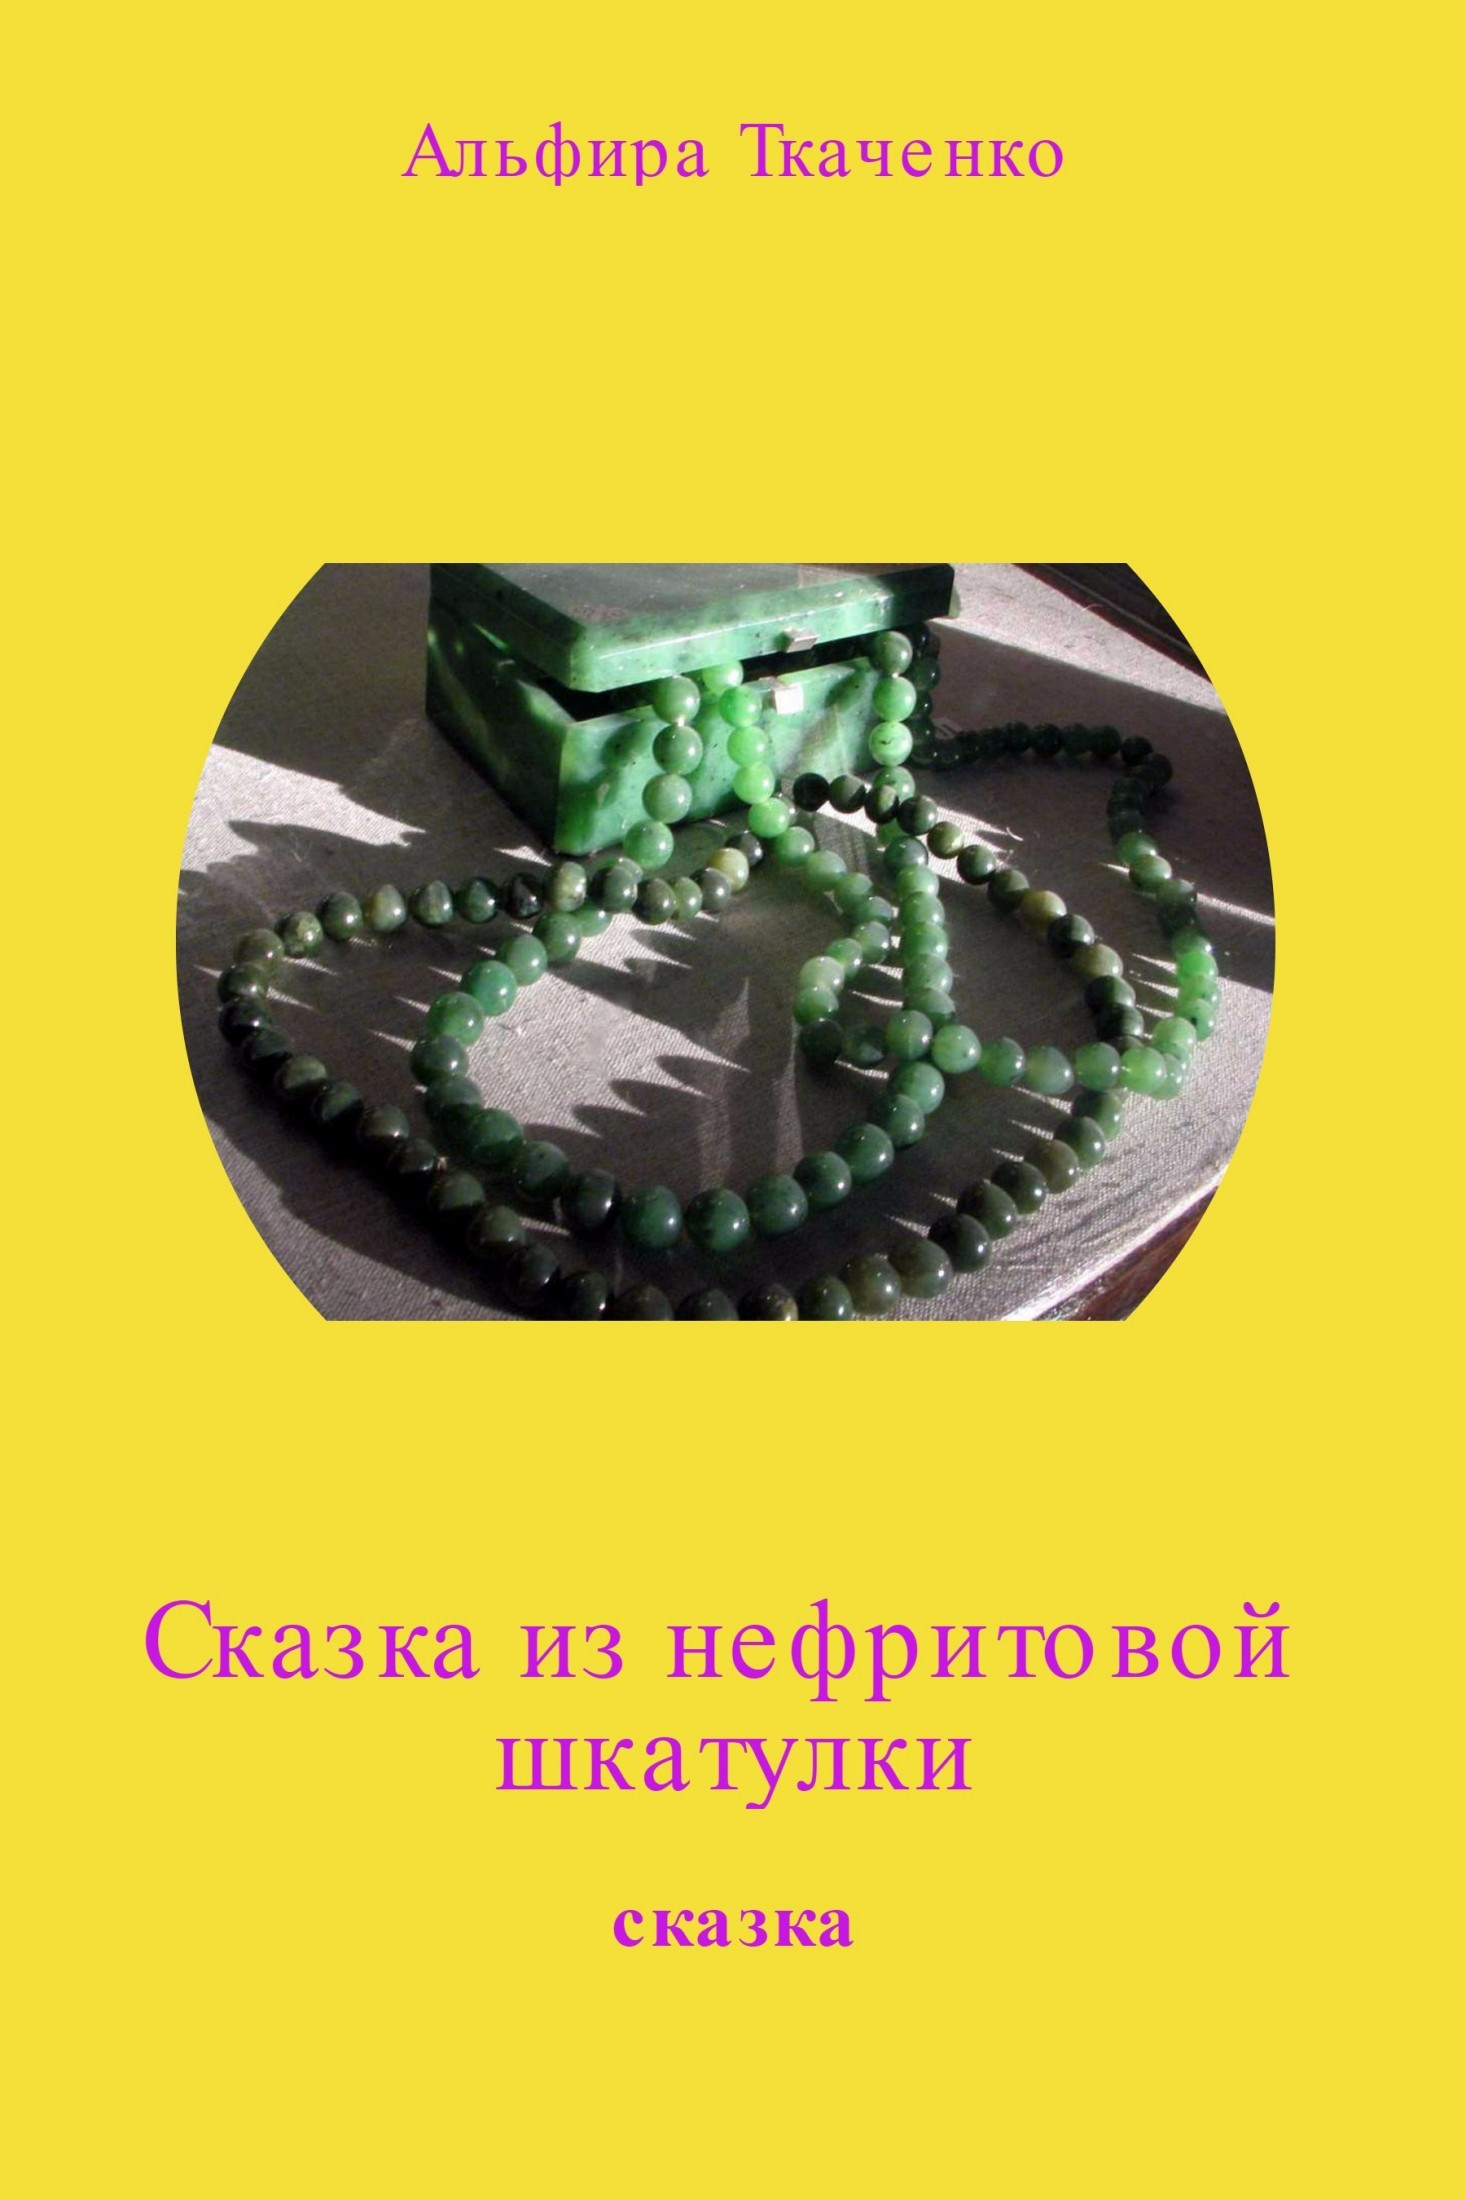 Альфира Федоровна Ткаченко Сказка из нефритовой шкатулки